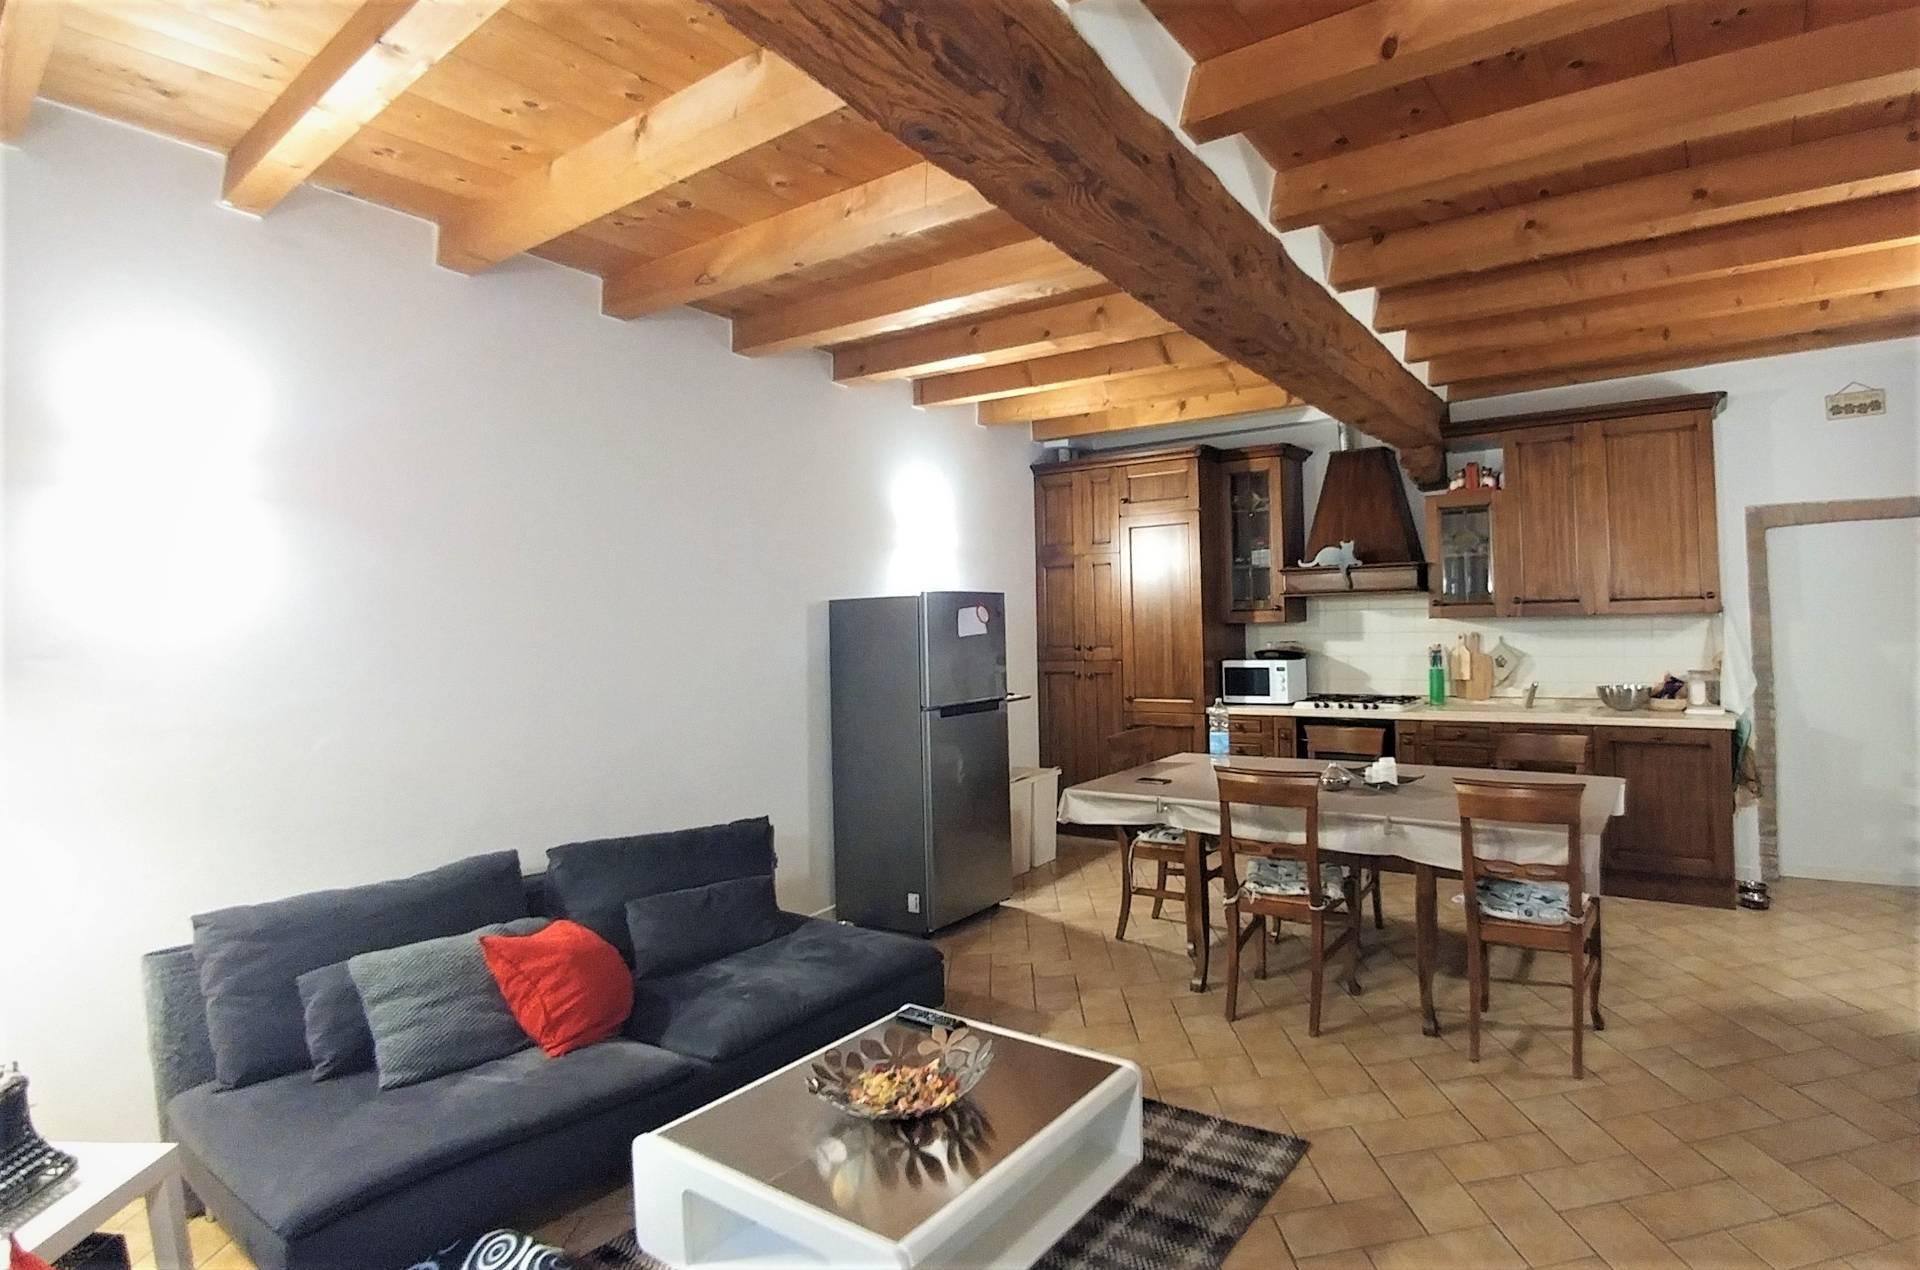 Appartamento in vendita a Albino, 2 locali, prezzo € 89.000 | CambioCasa.it